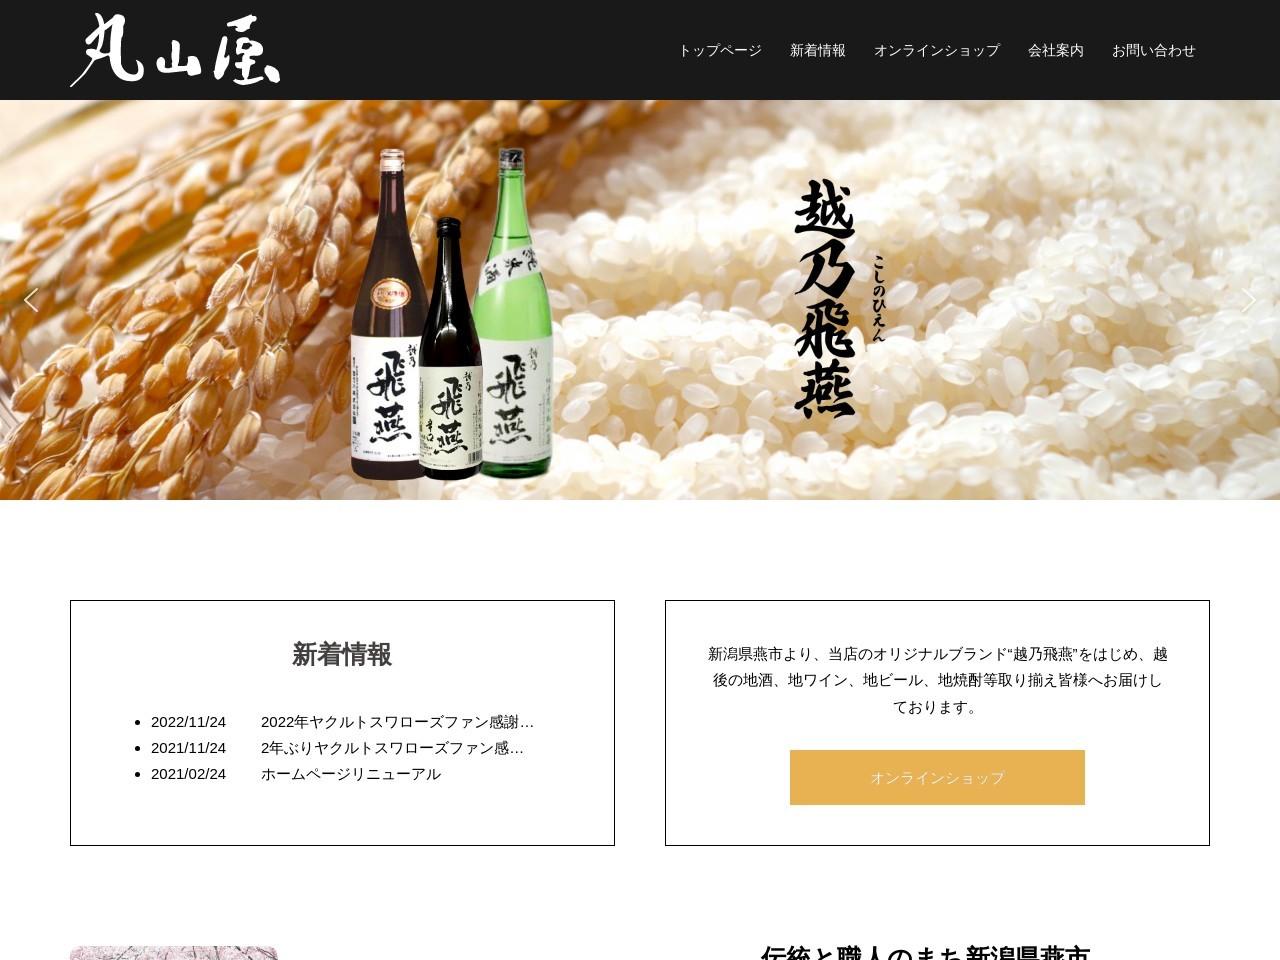 オリジナル清酒越乃飛燕、地酒|丸山屋